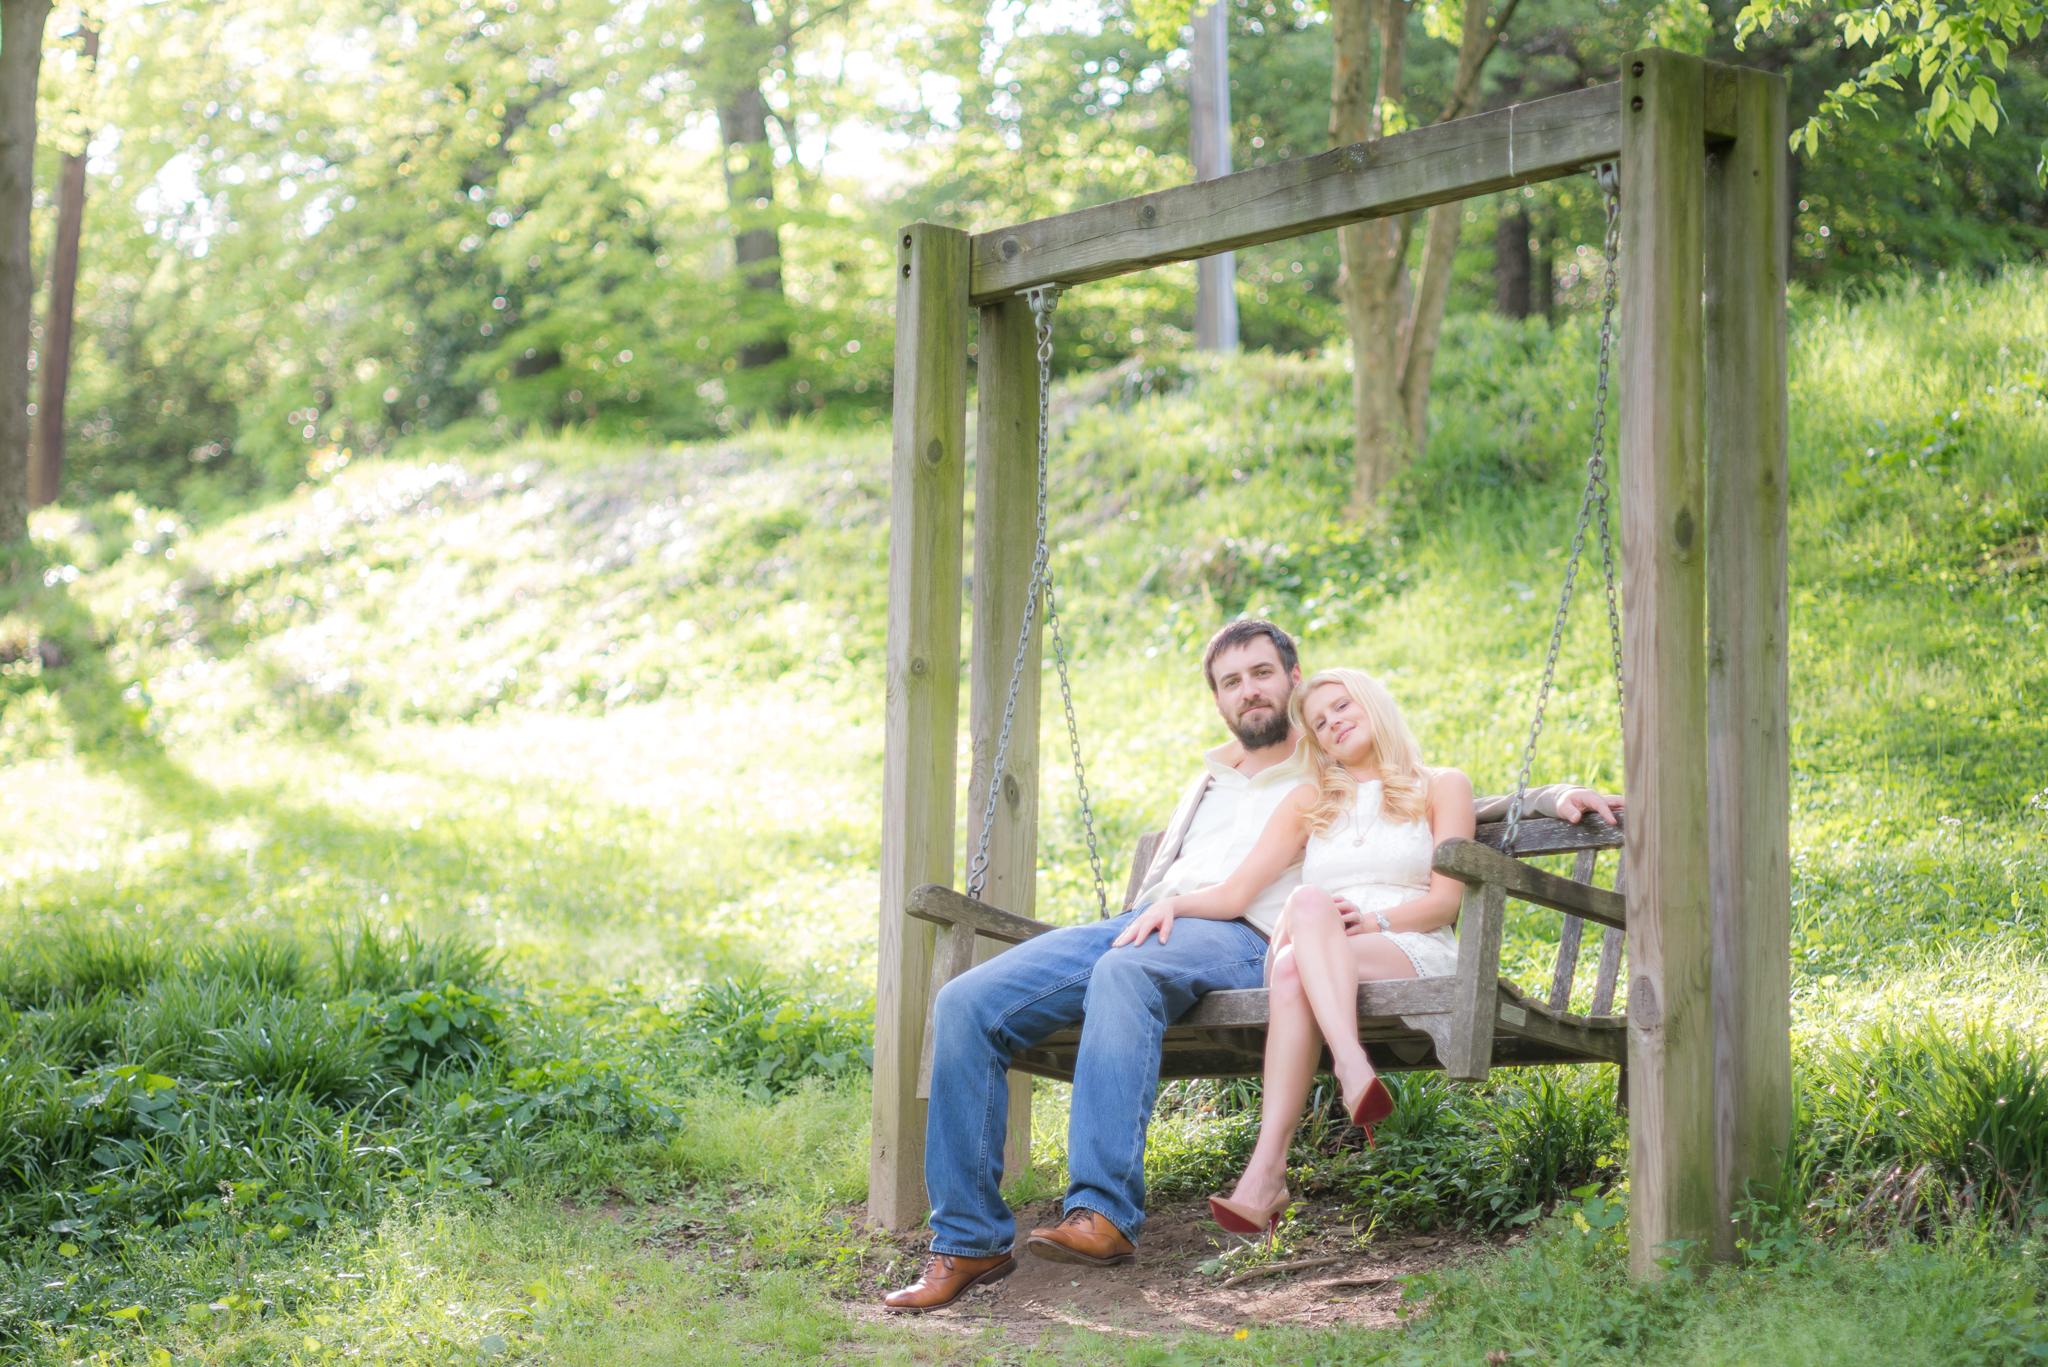 MorganKaty_engagement_wedding_iwally-6.jpg